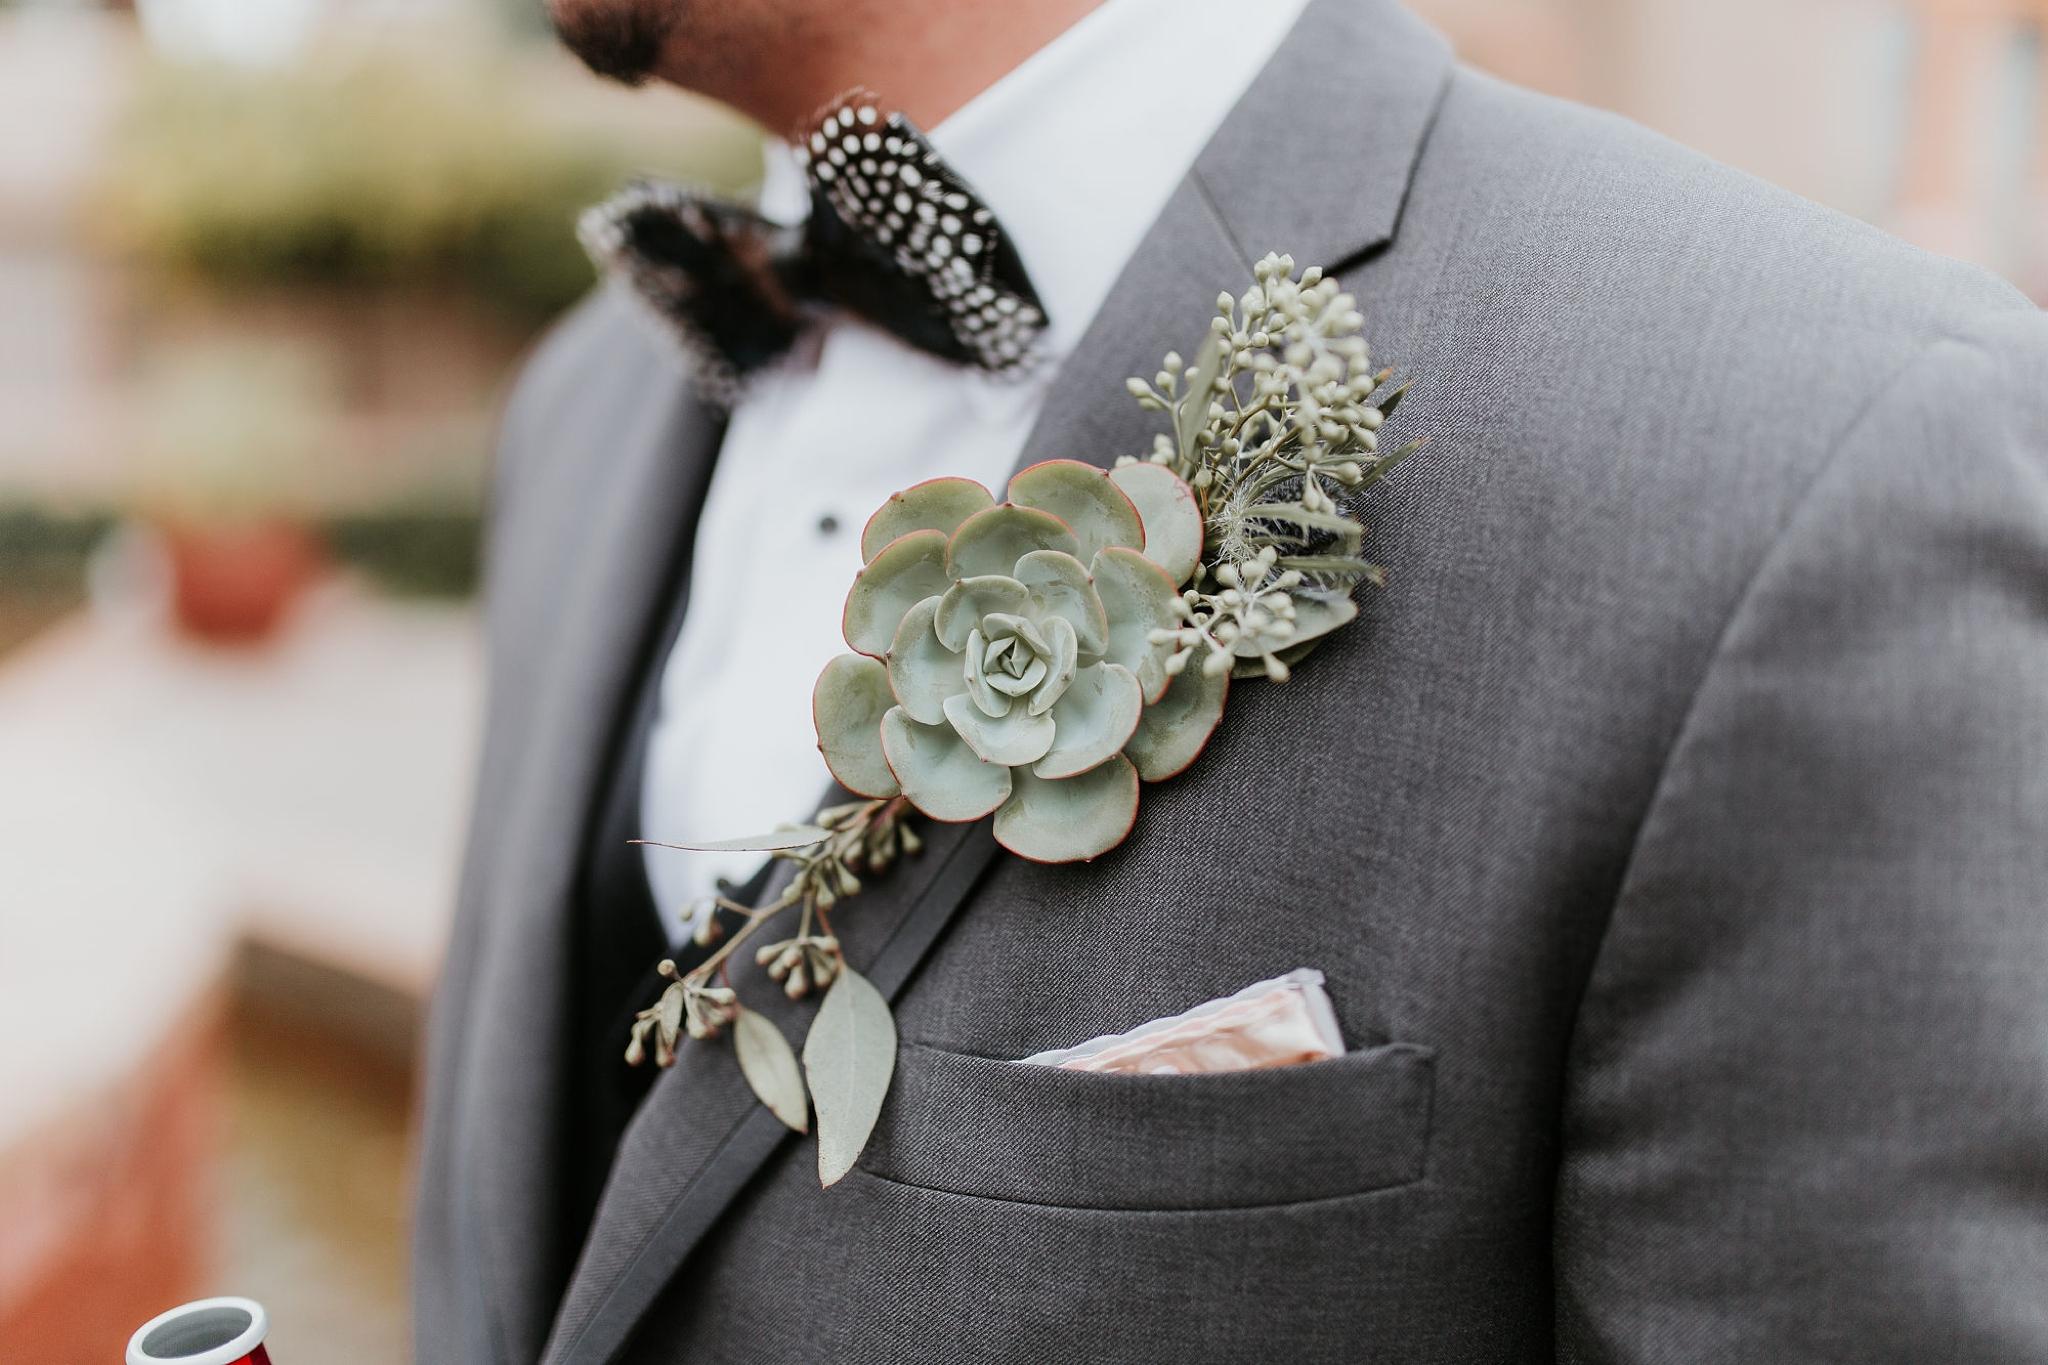 Alicia+lucia+photography+-+albuquerque+wedding+photographer+-+santa+fe+wedding+photography+-+new+mexico+wedding+photographer+-+new+mexico+wedding+-+new+mexico+wedding+-+wedding+florals+-+desert+wedding+-+wedding+trends_0001.jpg